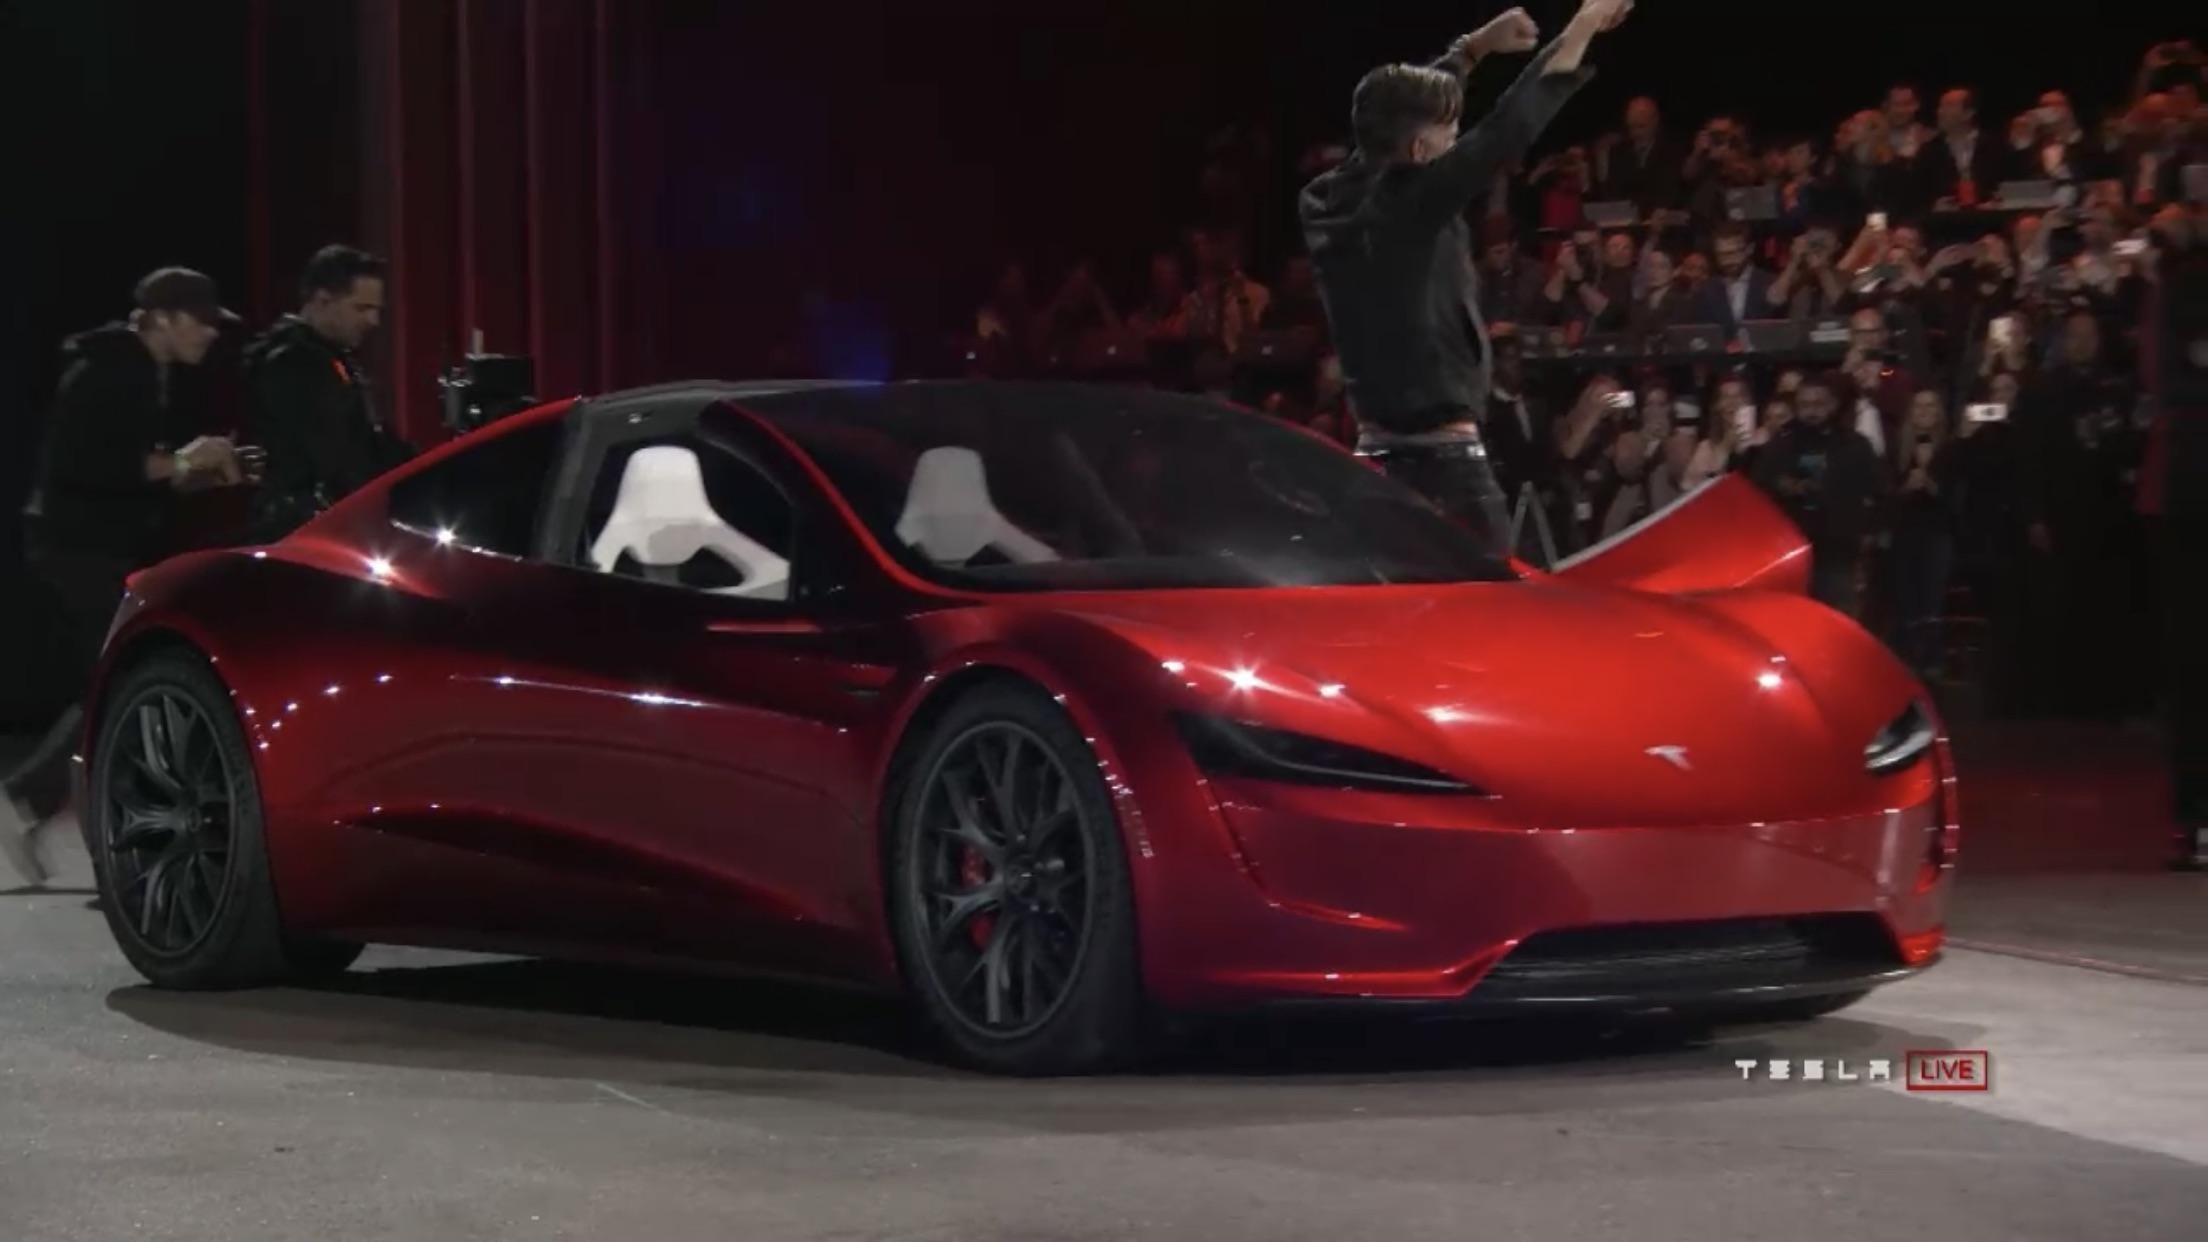 New Tesla roadster with 600 range 1.9s 060 Tesla